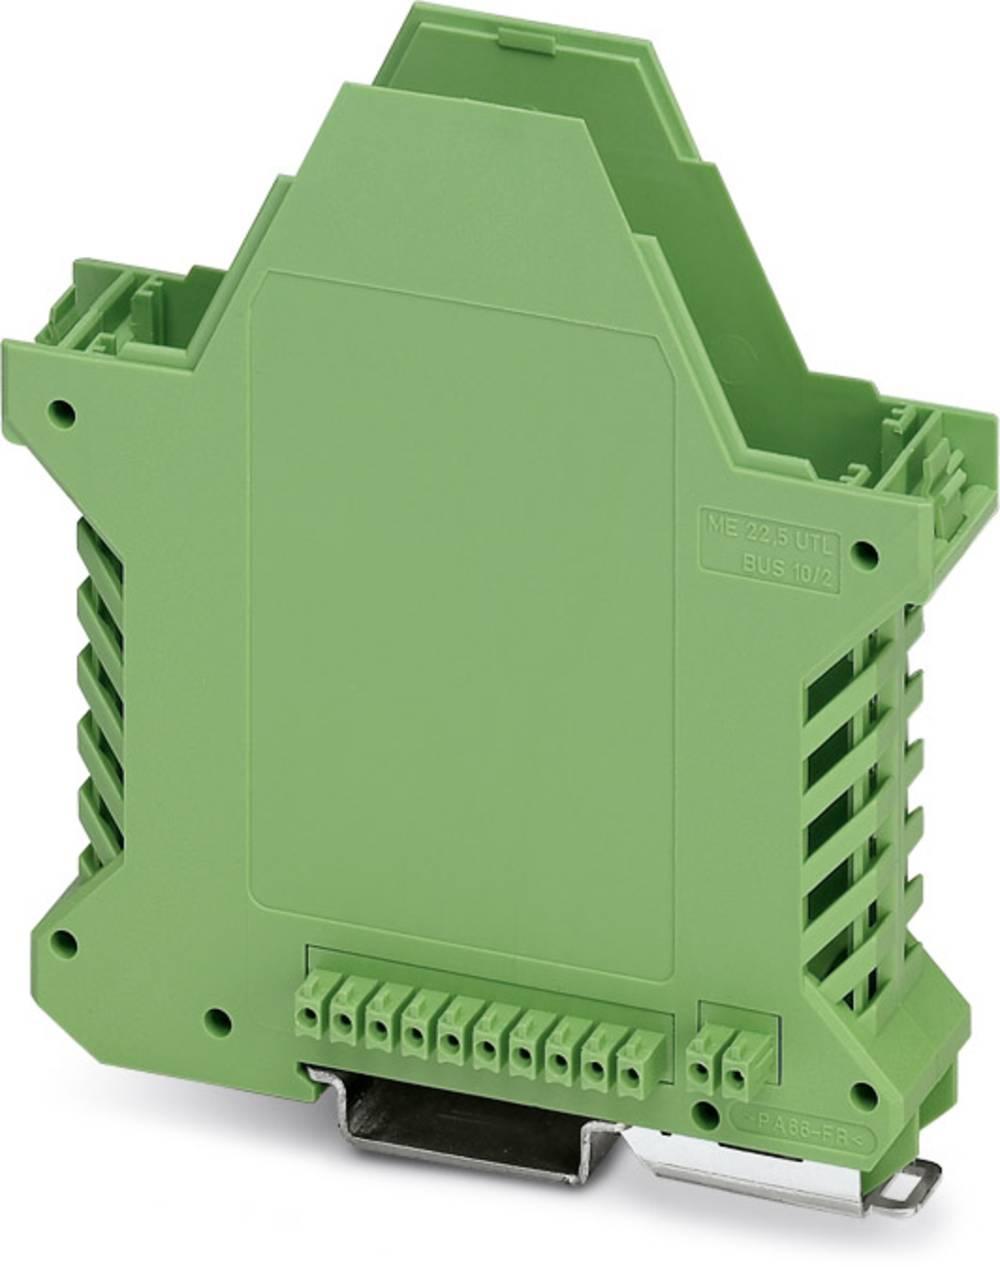 DIN-skinnekabinet underdel Phoenix Contact ME 22,5 UT/FE BUS/10+2 GN Polyamid 10 stk